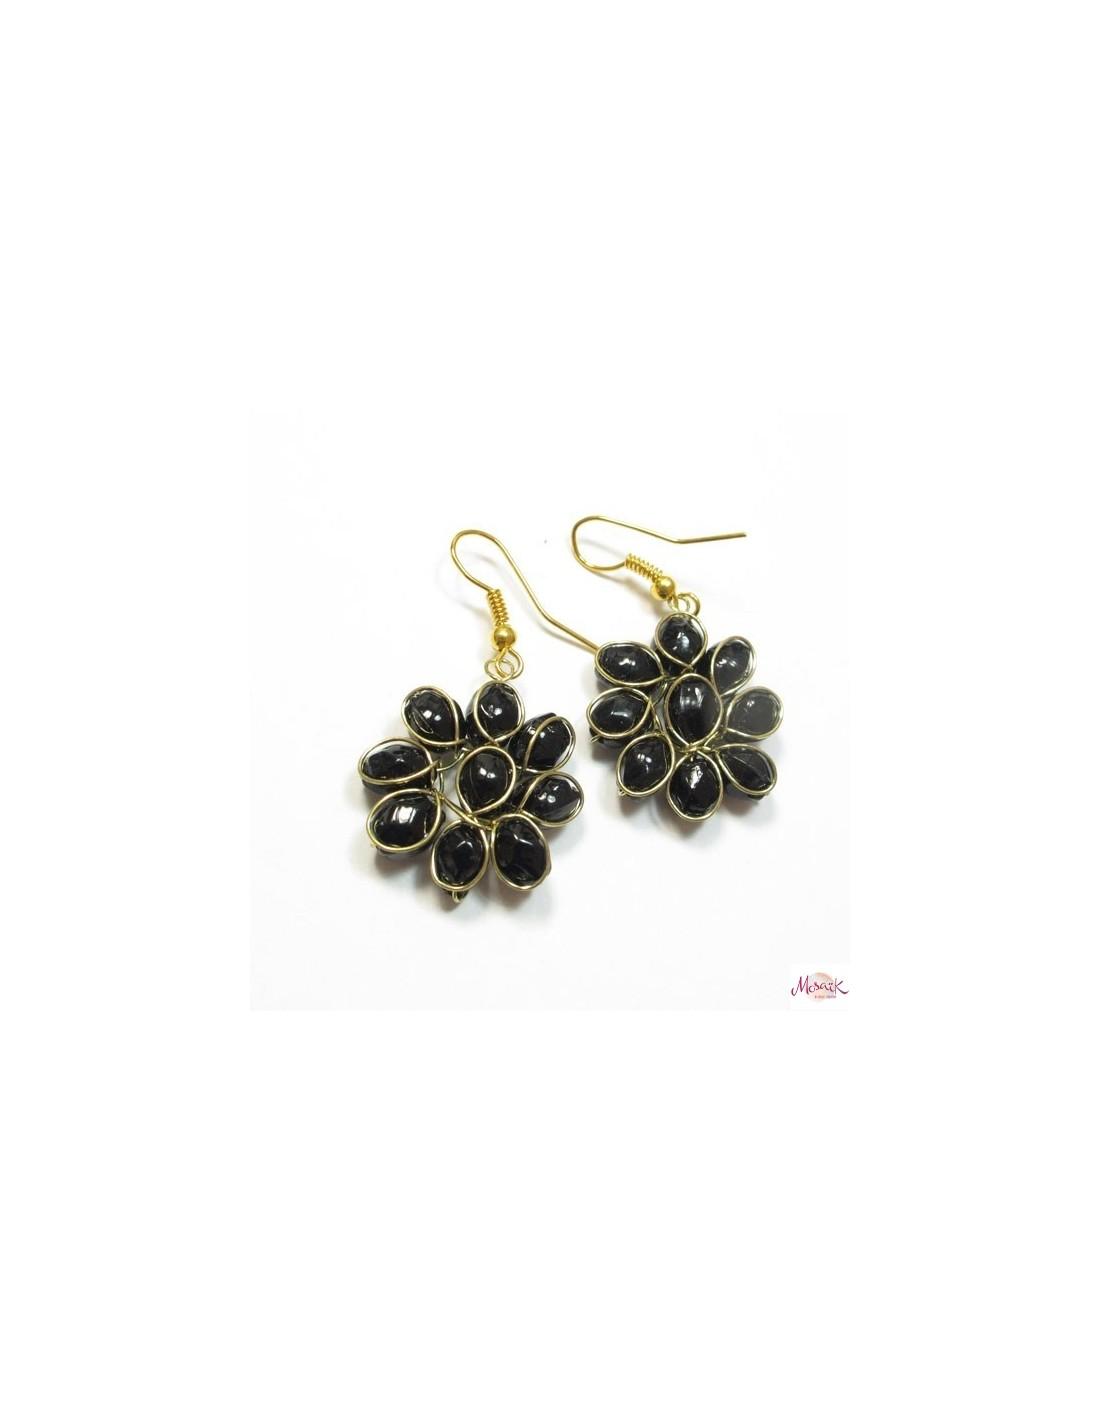 boucles d 39 oreilles fleurs boutique de boucles d 39 oreilles fantaisie bo114. Black Bedroom Furniture Sets. Home Design Ideas